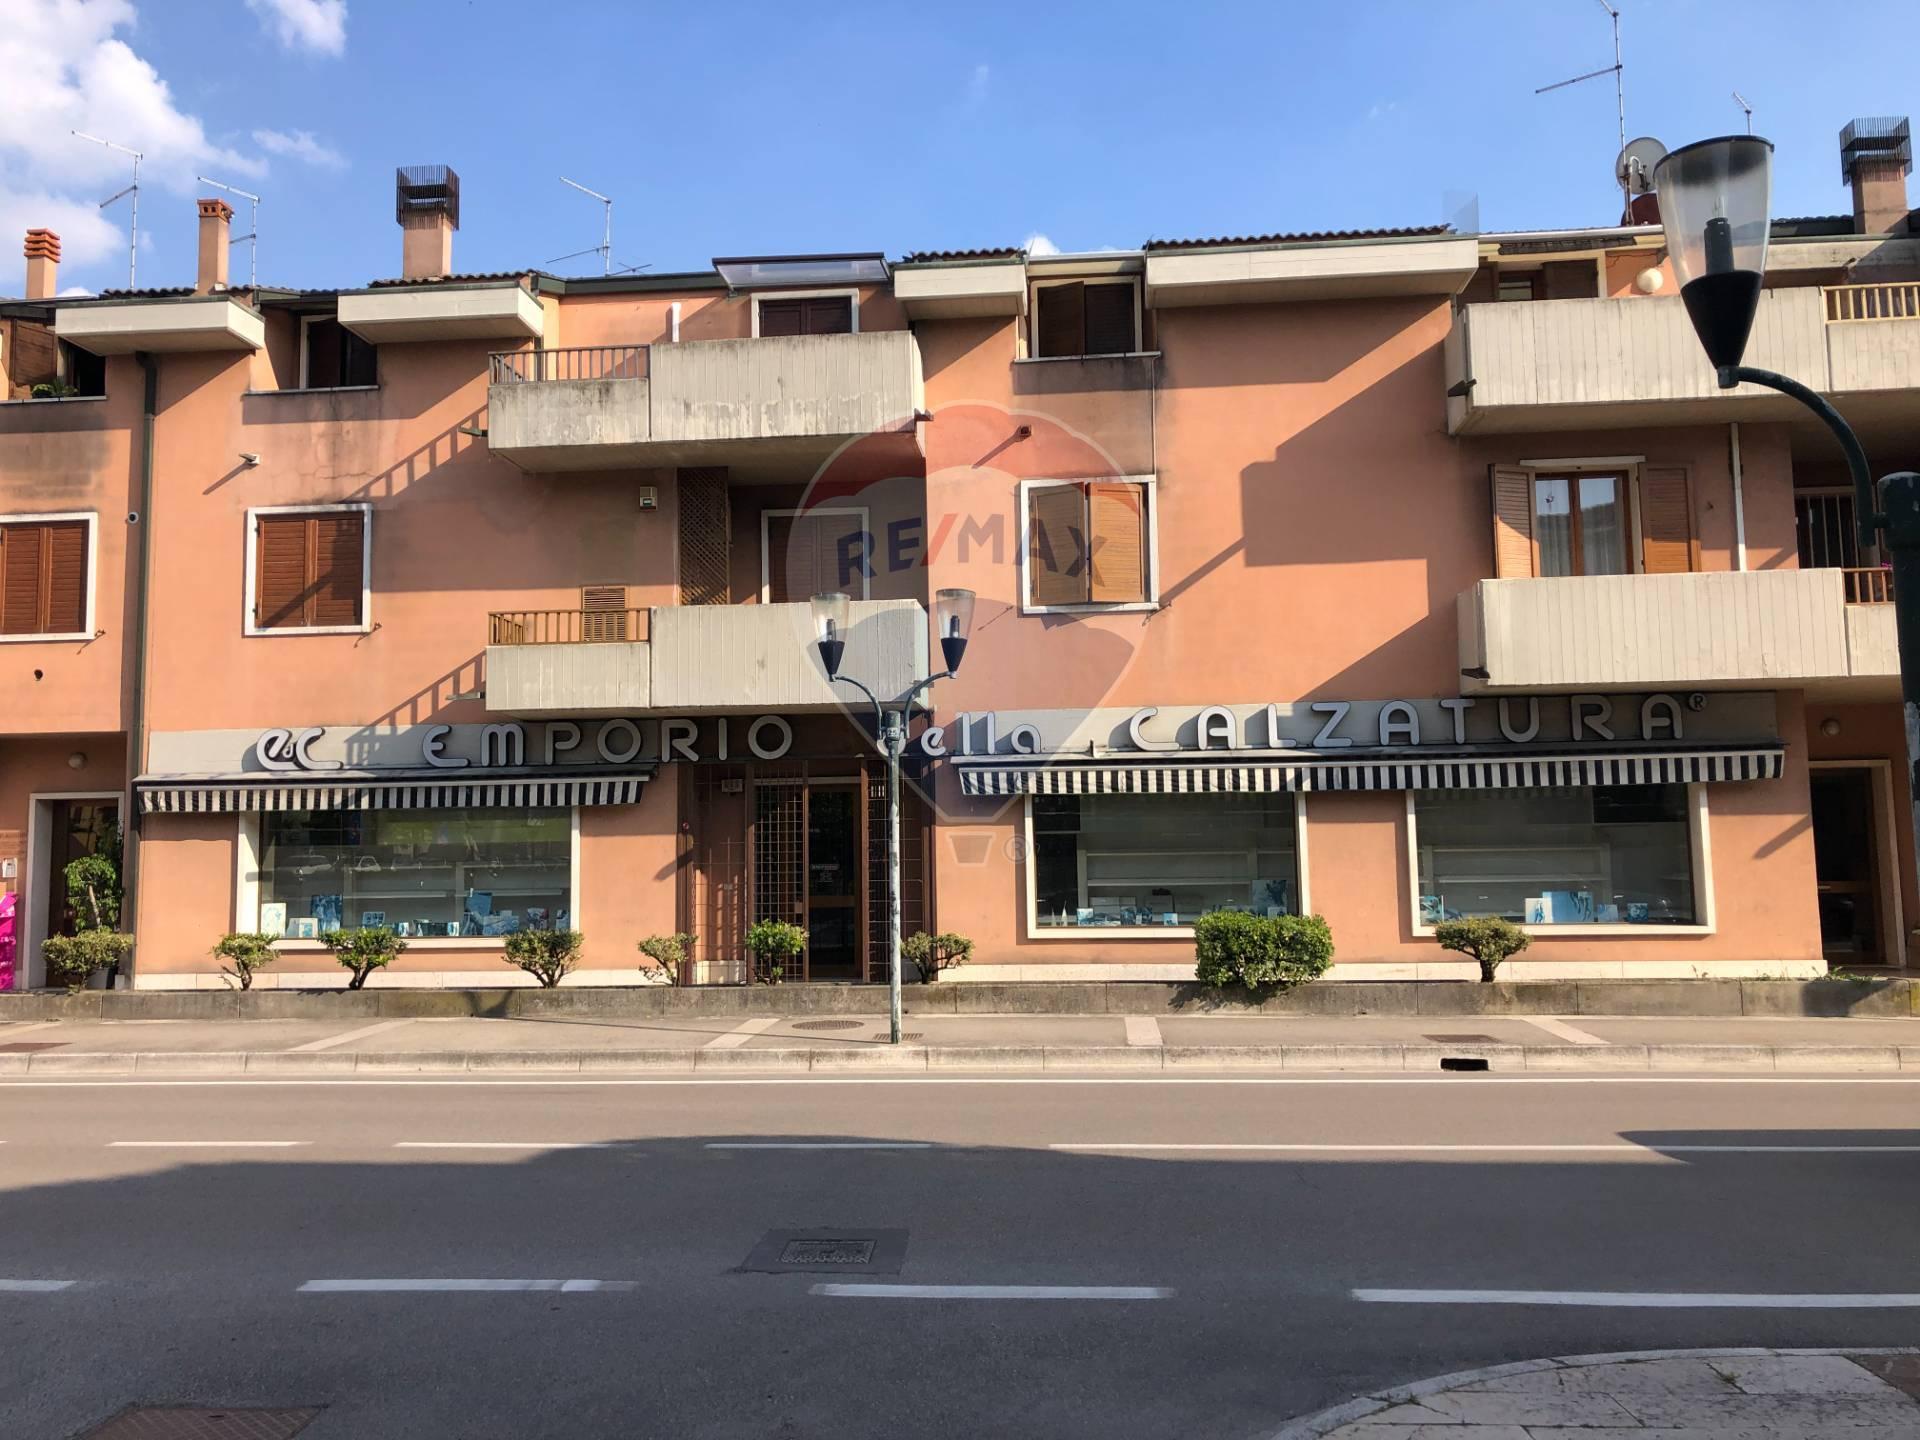 Negozio / Locale in vendita a Bovolone, 9999 locali, prezzo € 240.000   CambioCasa.it